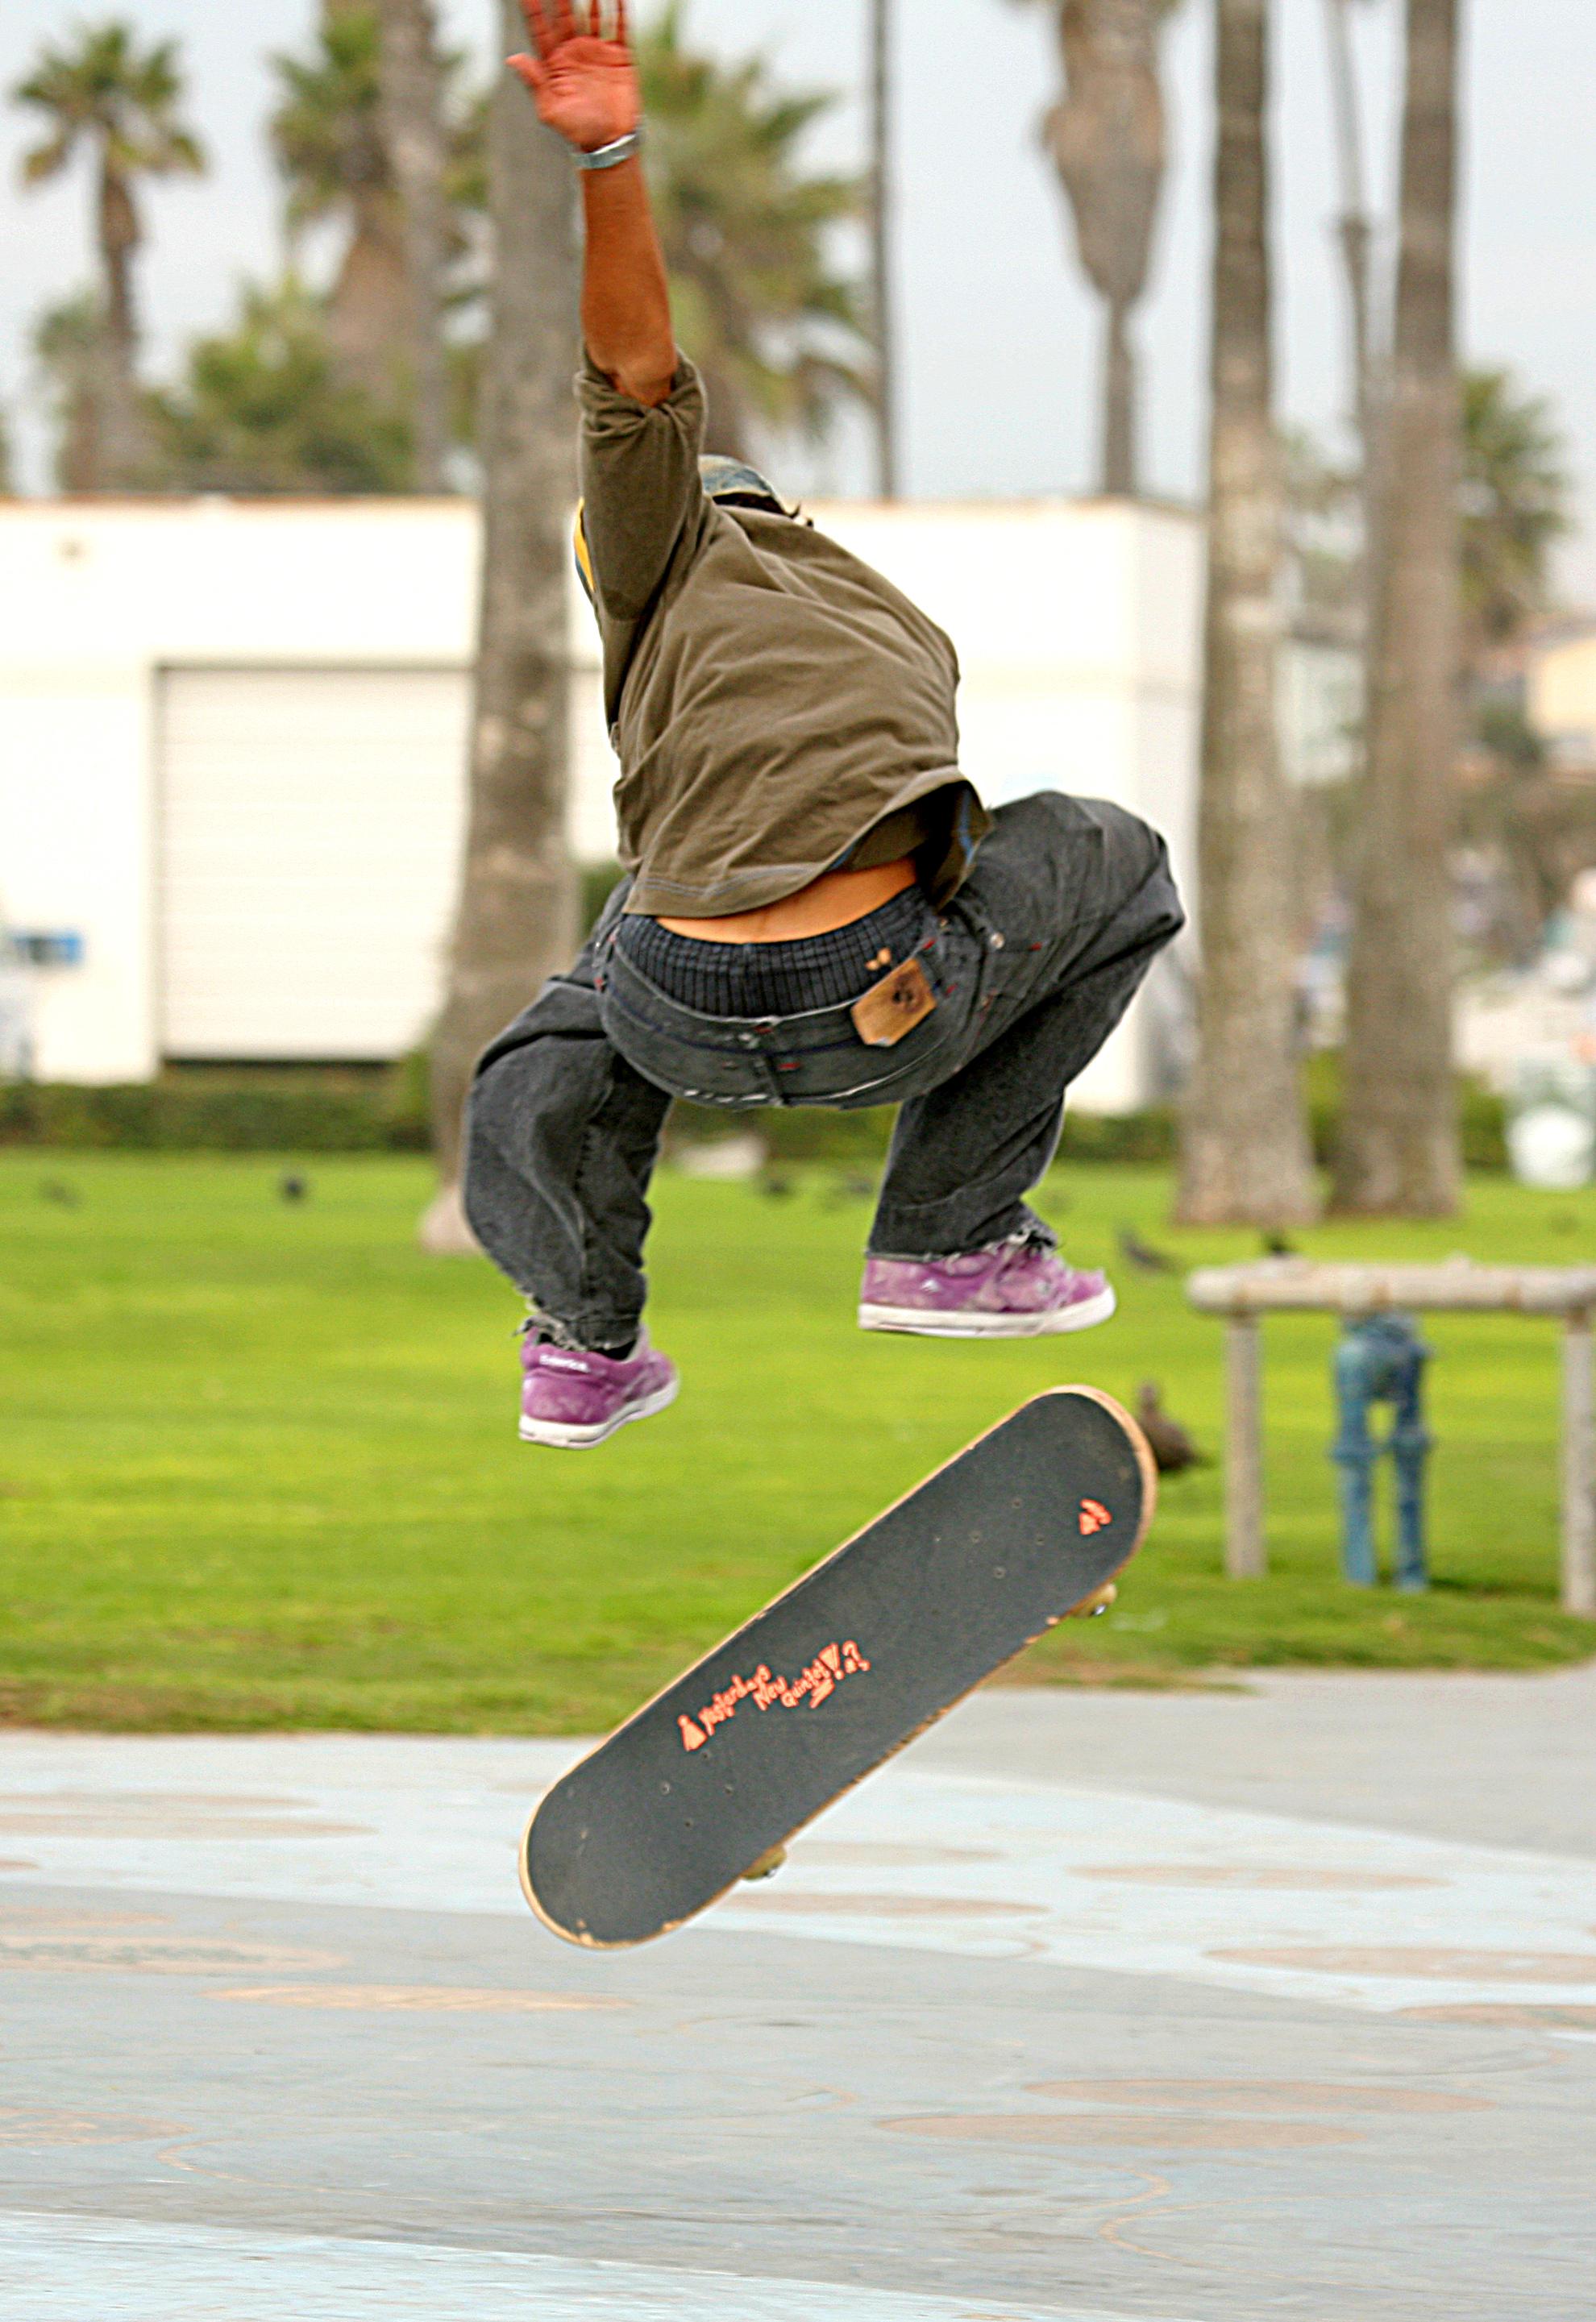 b85dda33453 Skateboard - Wikipedia